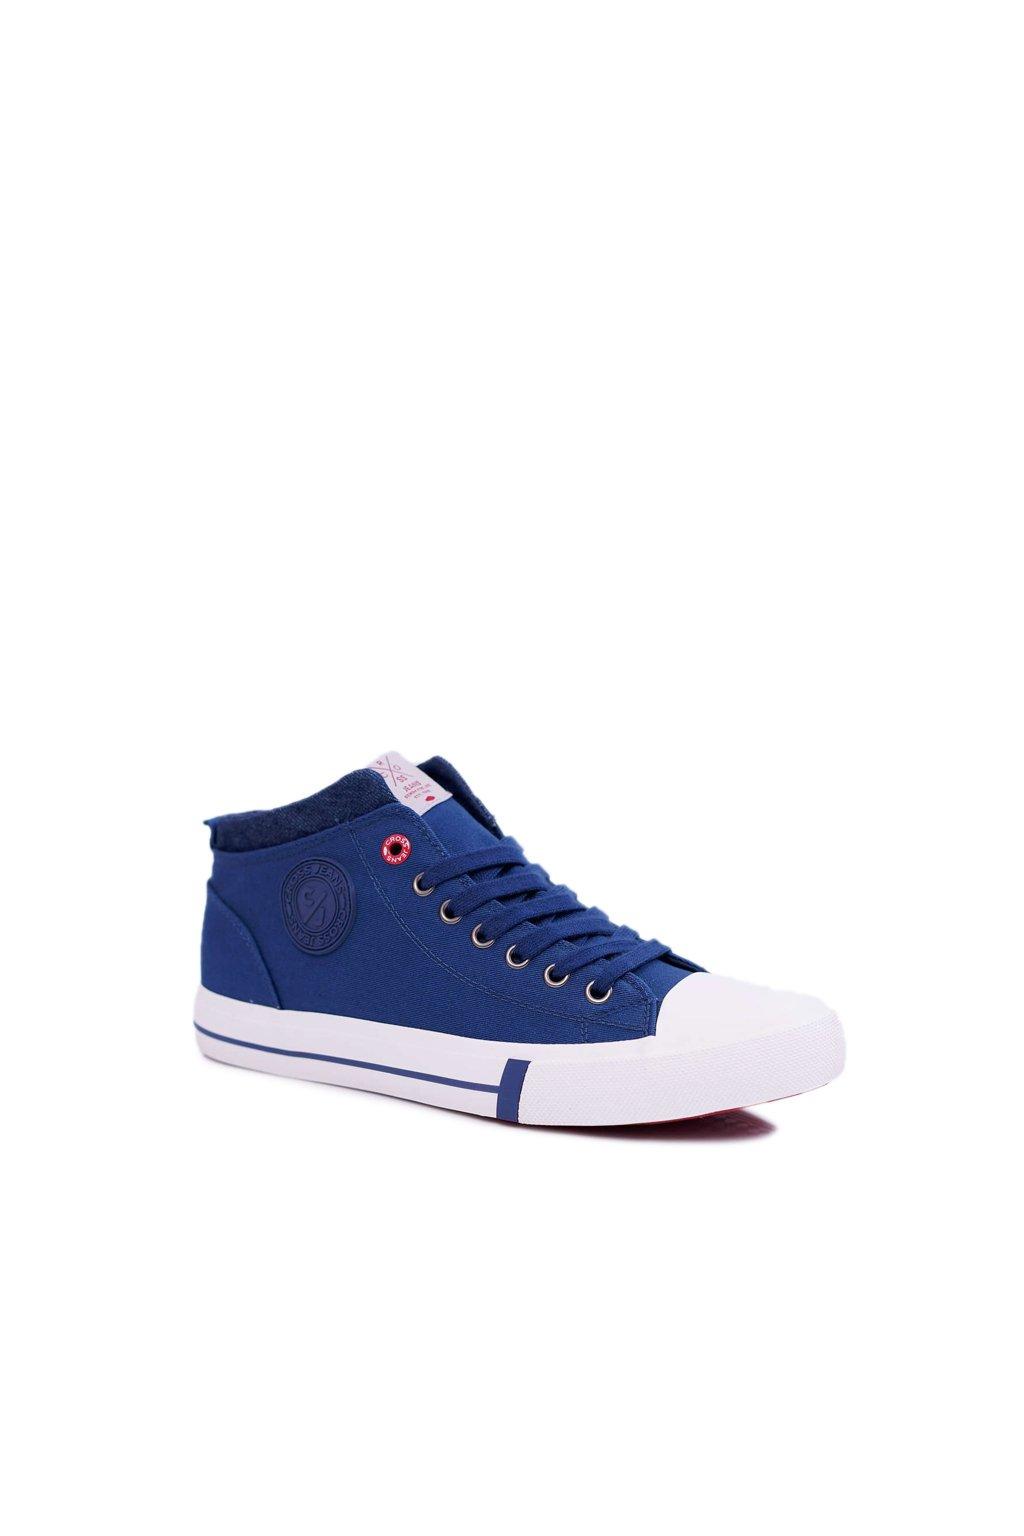 Pánske tenisky Vysoké Cross Jeans Textilní tmavo modré DD1R4057